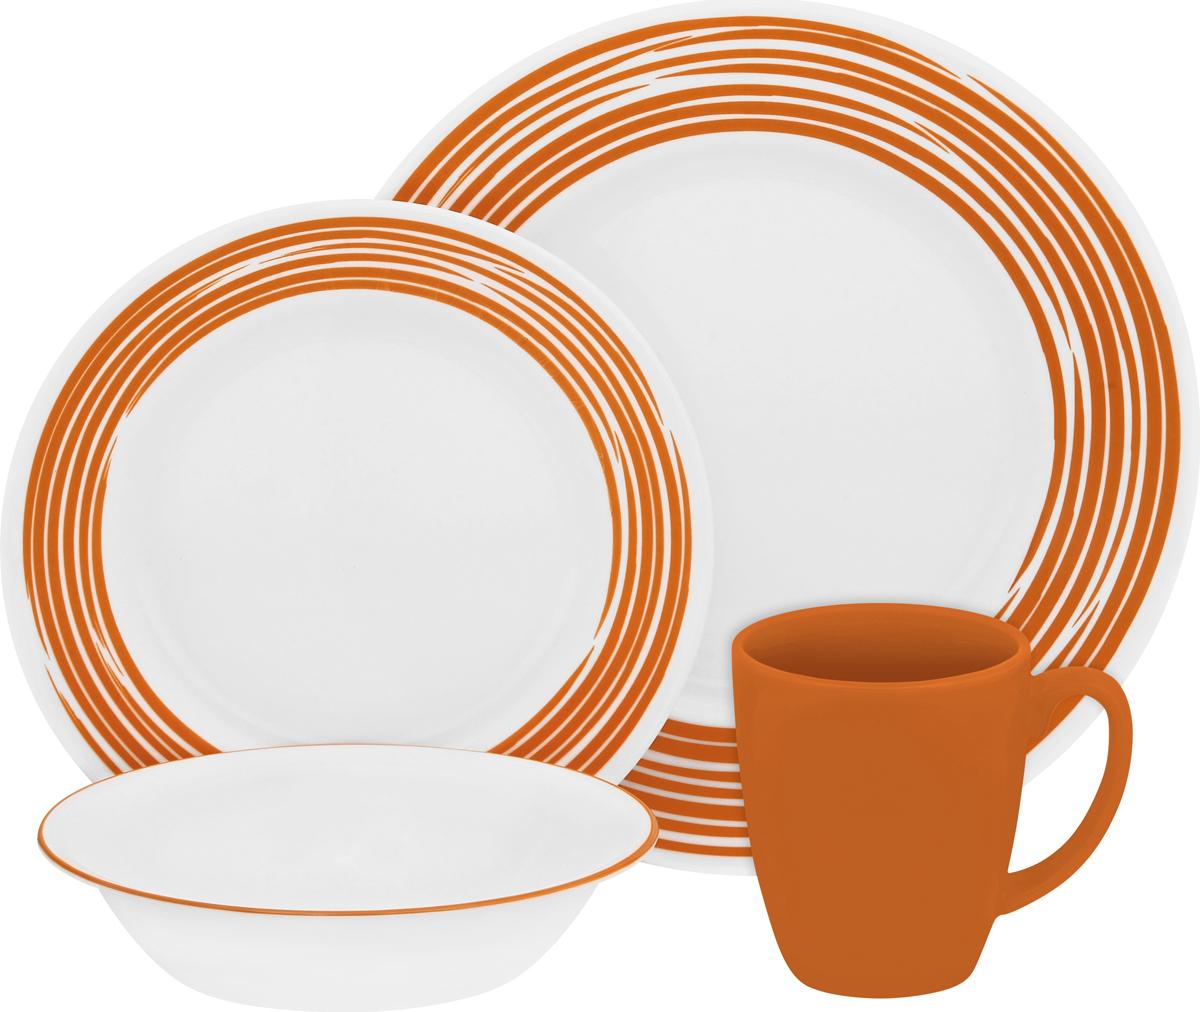 Набор посуды Corelle Brushed Orange, цвет: белый, 16 предметов. 11170241117024Набор посуды Corelle Brushed Orange воплощает изысканность тонкого фарфора, но остается верна знаменитой долговечности Corelle. Серия Corelle Brushed с необычным рисунком, словно художник прикоснулся кистью к тарелкам. Посуду можно мыть в посудомоечной машине и использовать в духовке и микроволновой печи. Набор посуды Brushed Orange состоит из:-обеденная тарелка, 27 см - 4 шт;-десертная тарелка, 22 см - 4 шт;-суповая тарелка, 530 мл - 4 шт;-фарфоровая кружка, 330 мл - 4 шт.